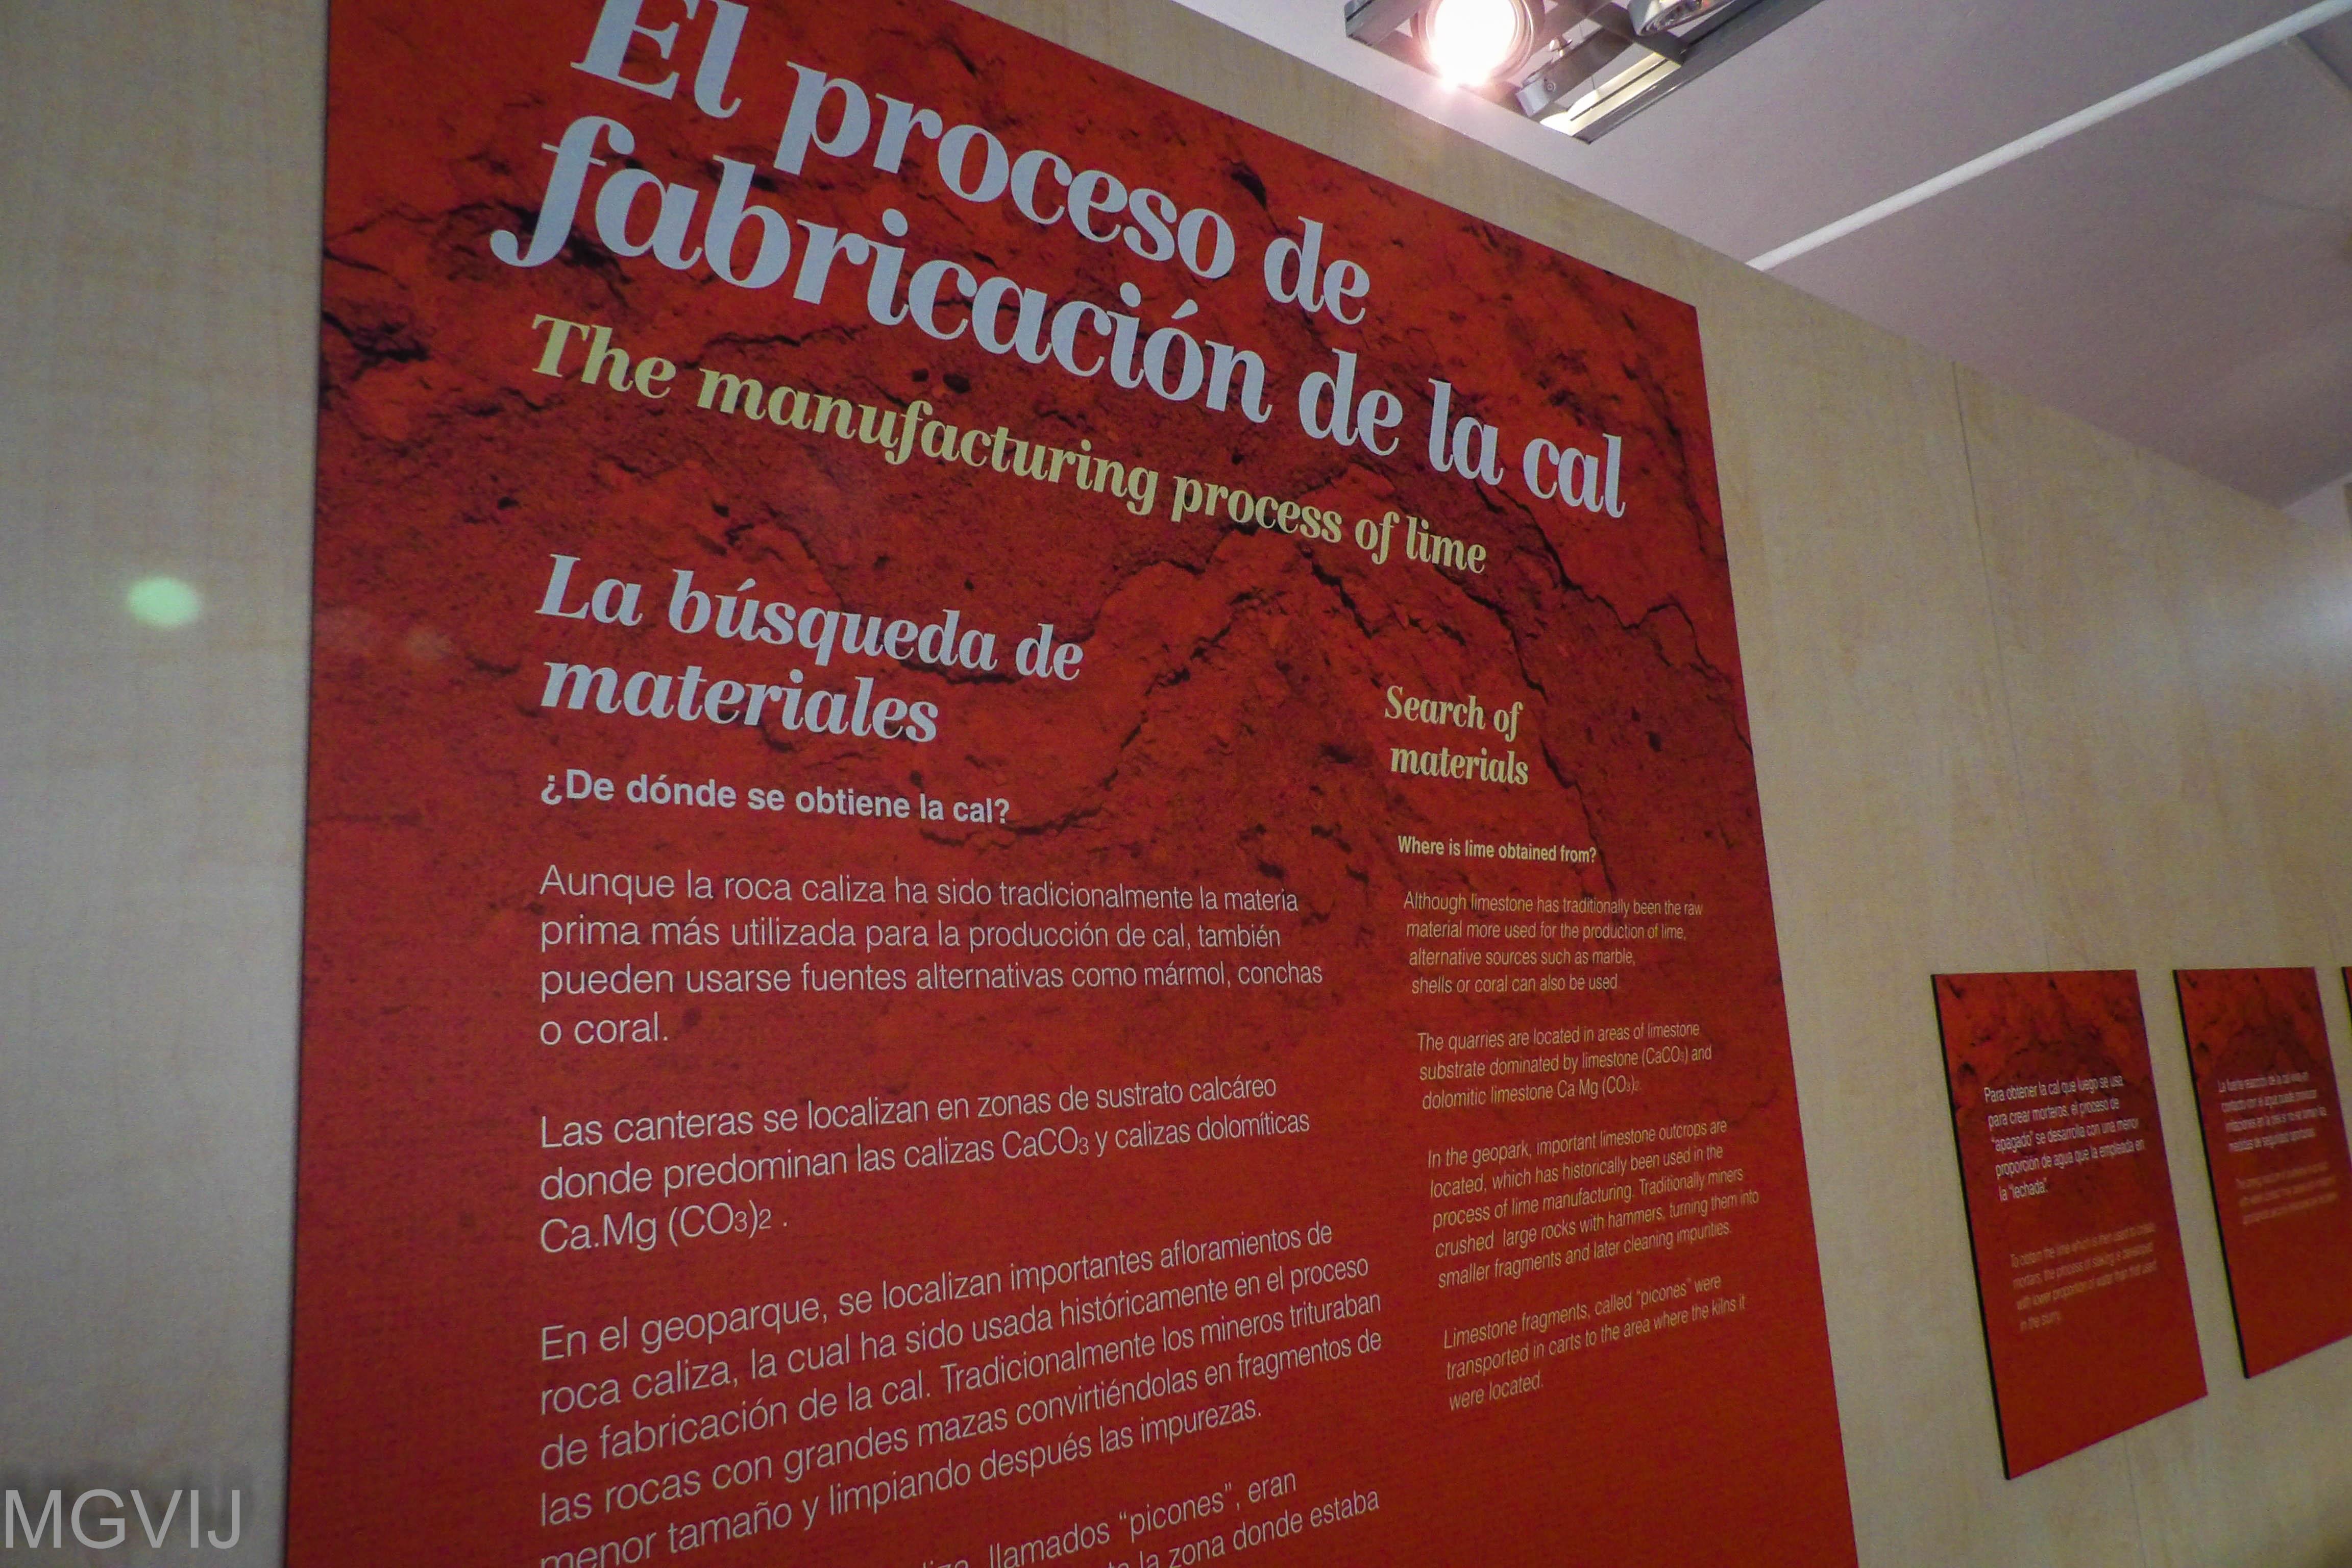 Panel informativo de los hornos de la cal en La Calera, Geoparque Villuercas